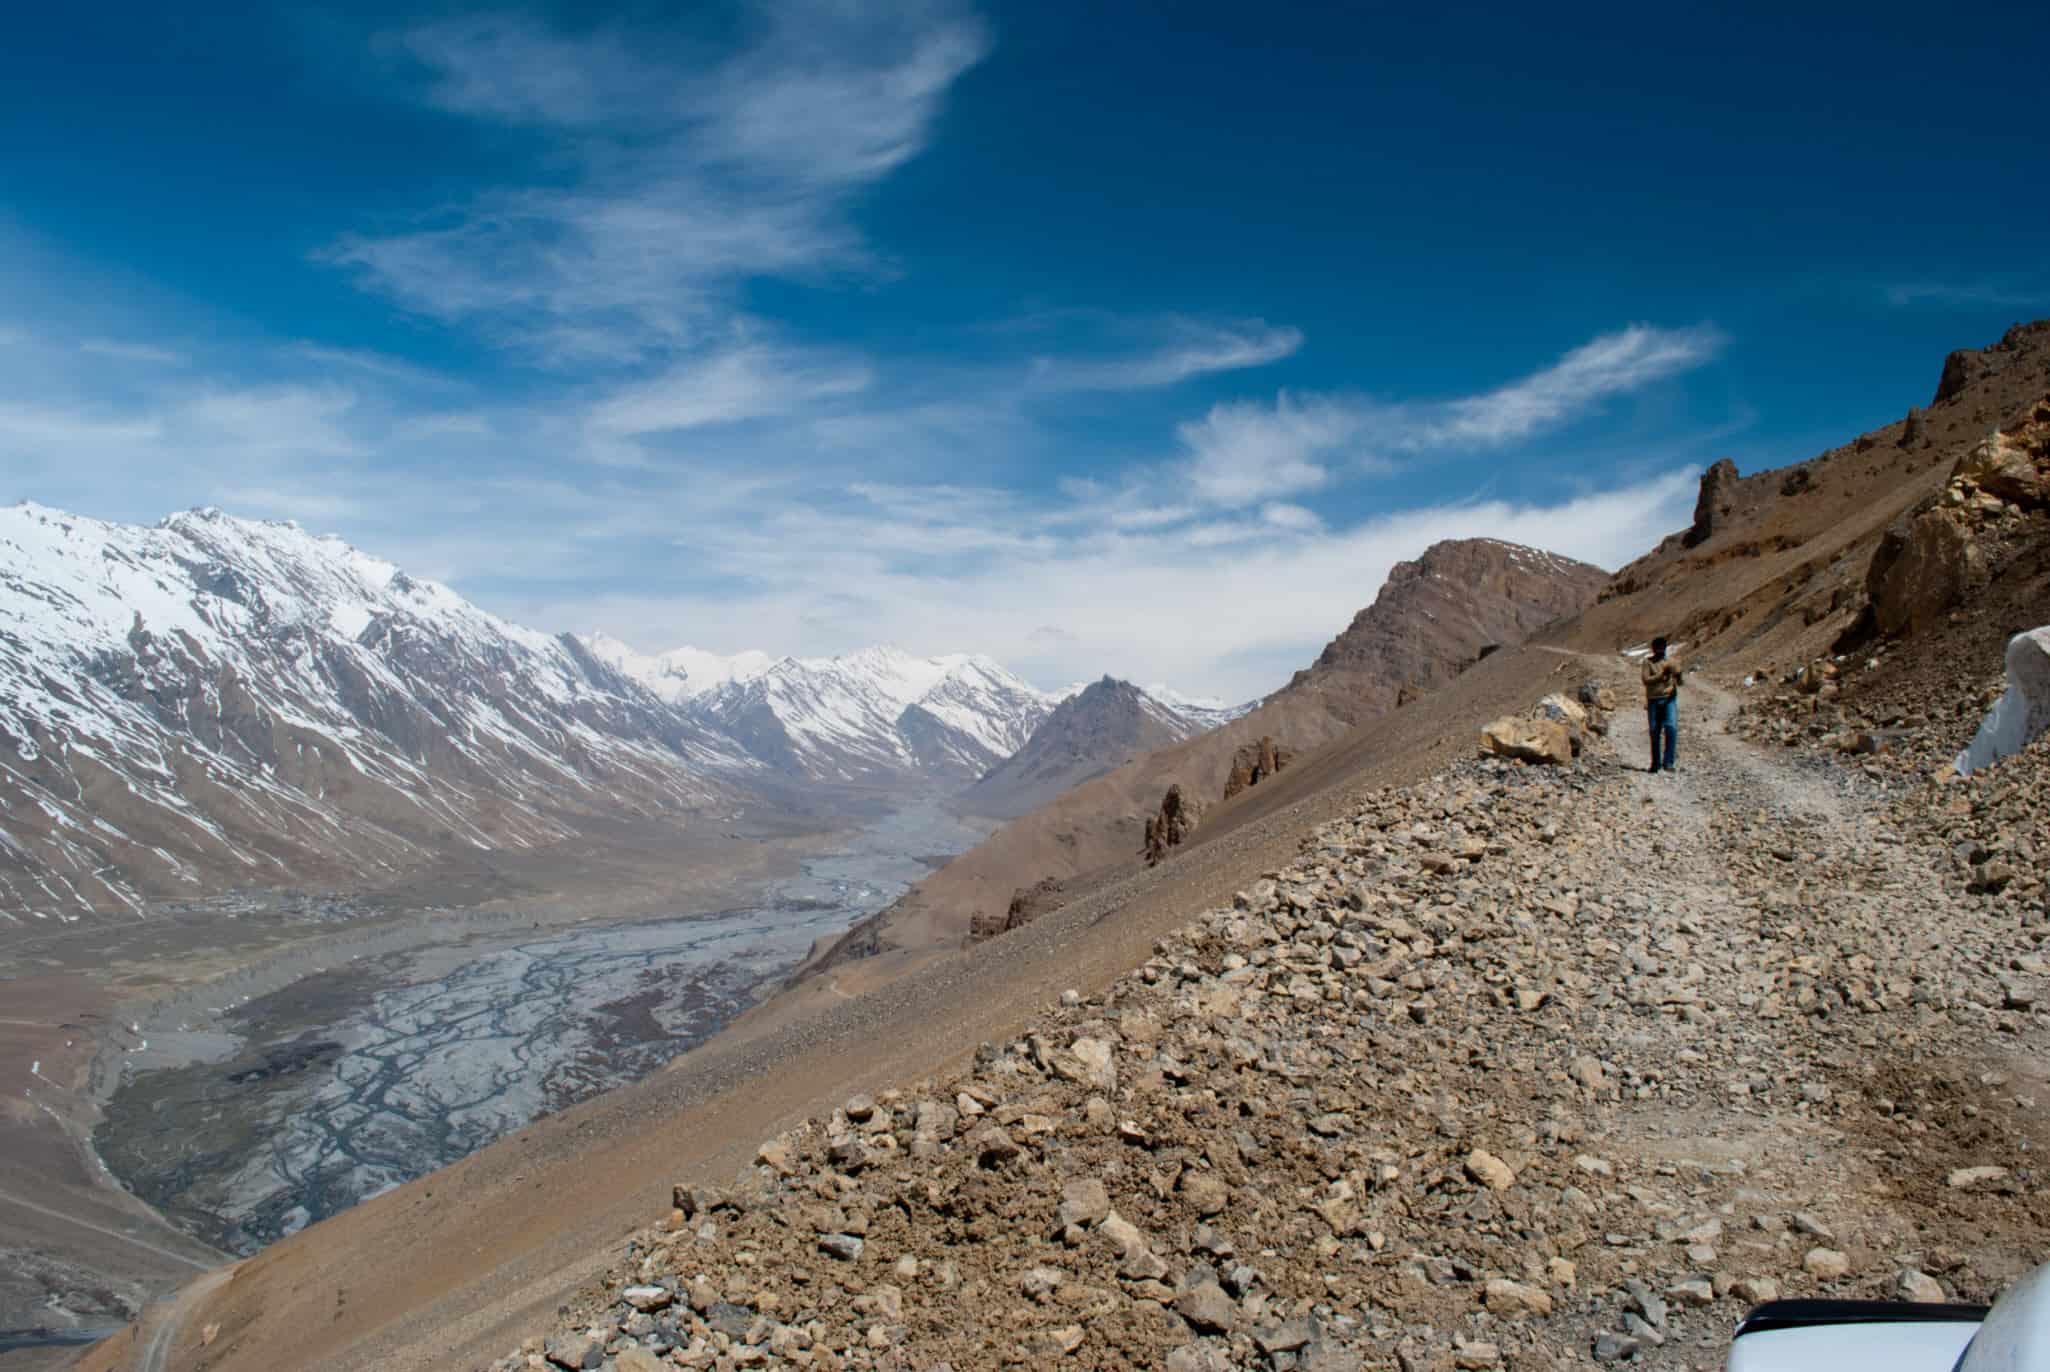 किन्नौर: प्रकृति का खूबसूरत नमूना है हिमाचल प्रदेश का ये जिला